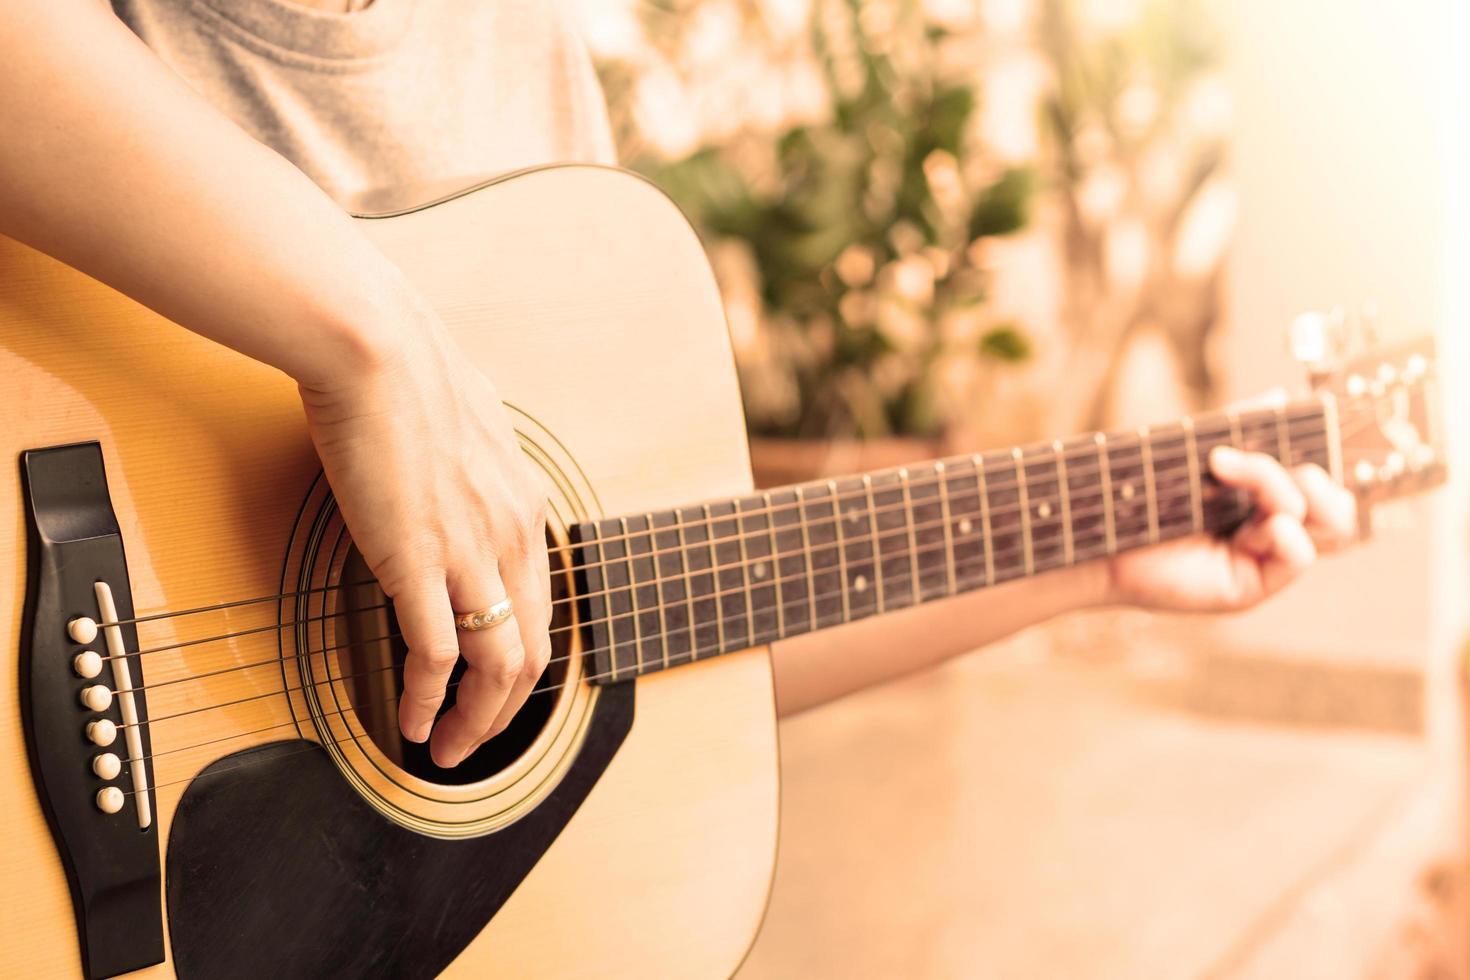 gros plan, de, personne, jouer guitare acoustique photo